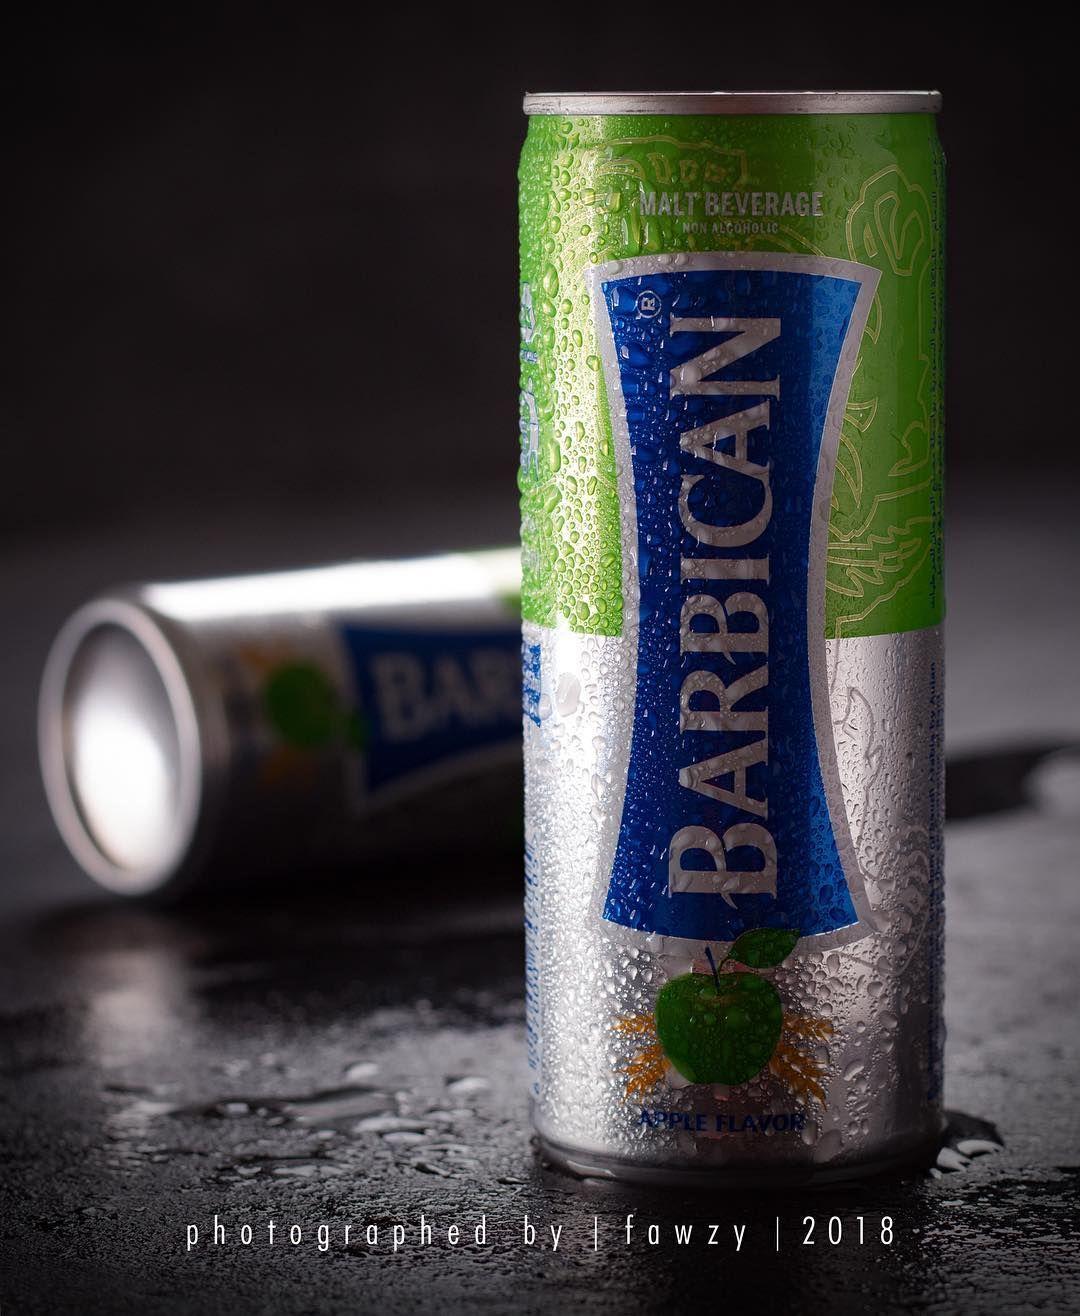 بربيكان بربيكان بربيكان هذي حياتي استرجل بيره موسي بيريل Barbican Milt Apple Foodporn Foodstagram Foodphotography Phot Energy Drinks Beverages Malt